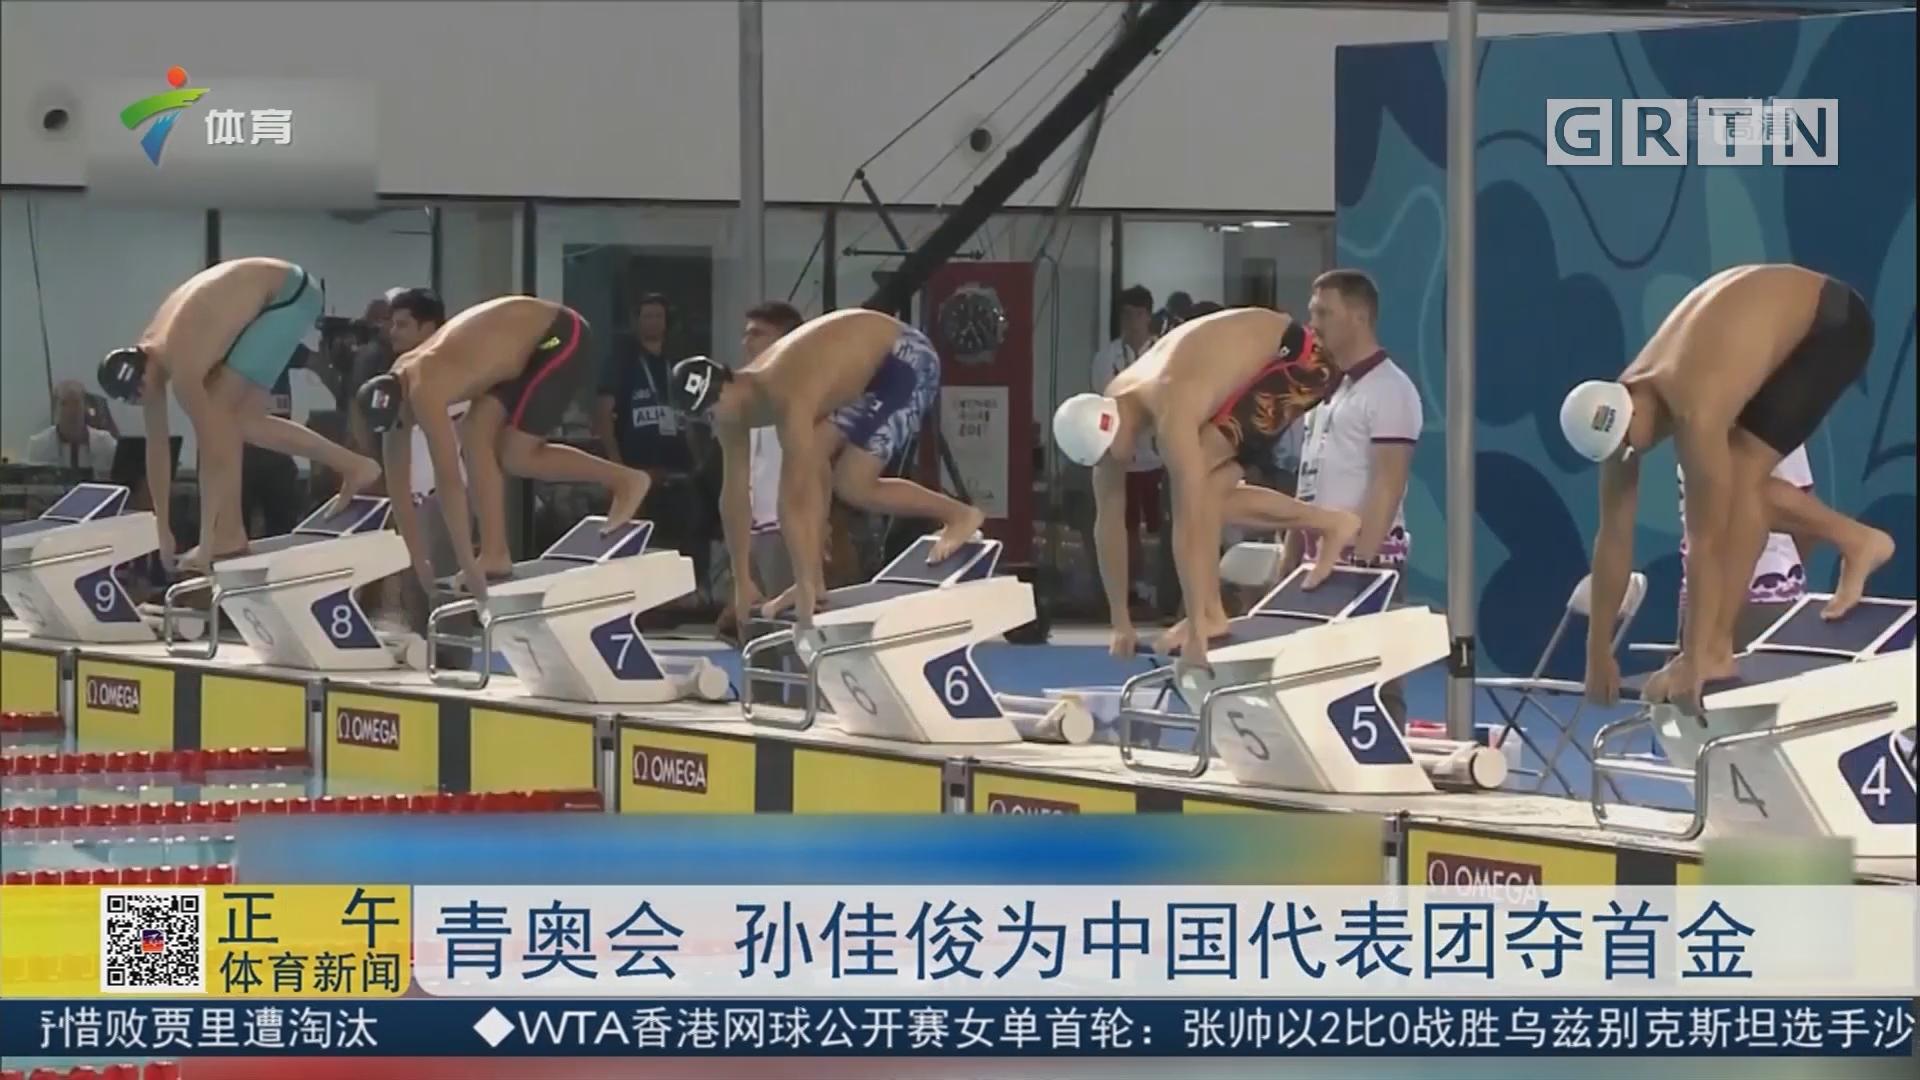 青奥会 孙佳俊为中国代表团夺首金